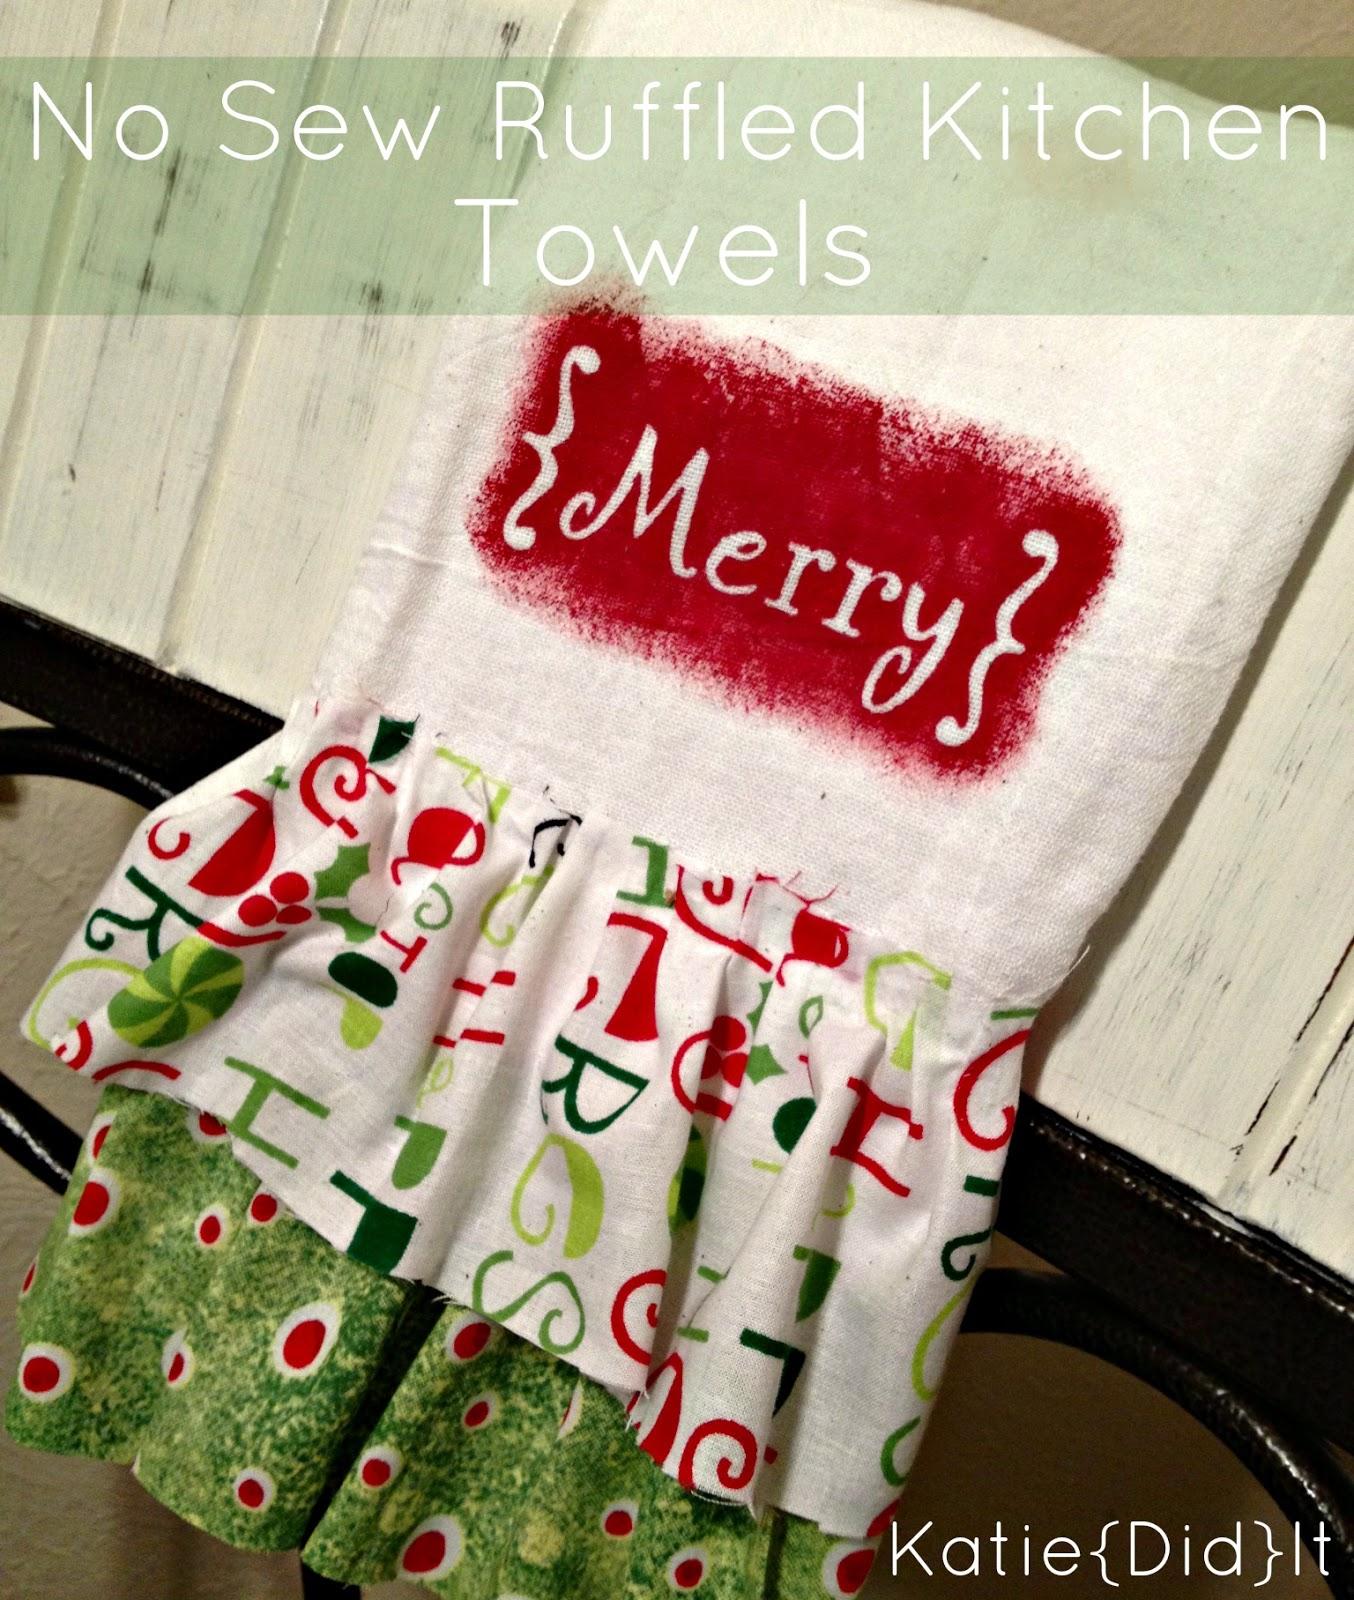 No Sew Ruffled Kitchen Towels - Katie {Did} It - Sugar Bee